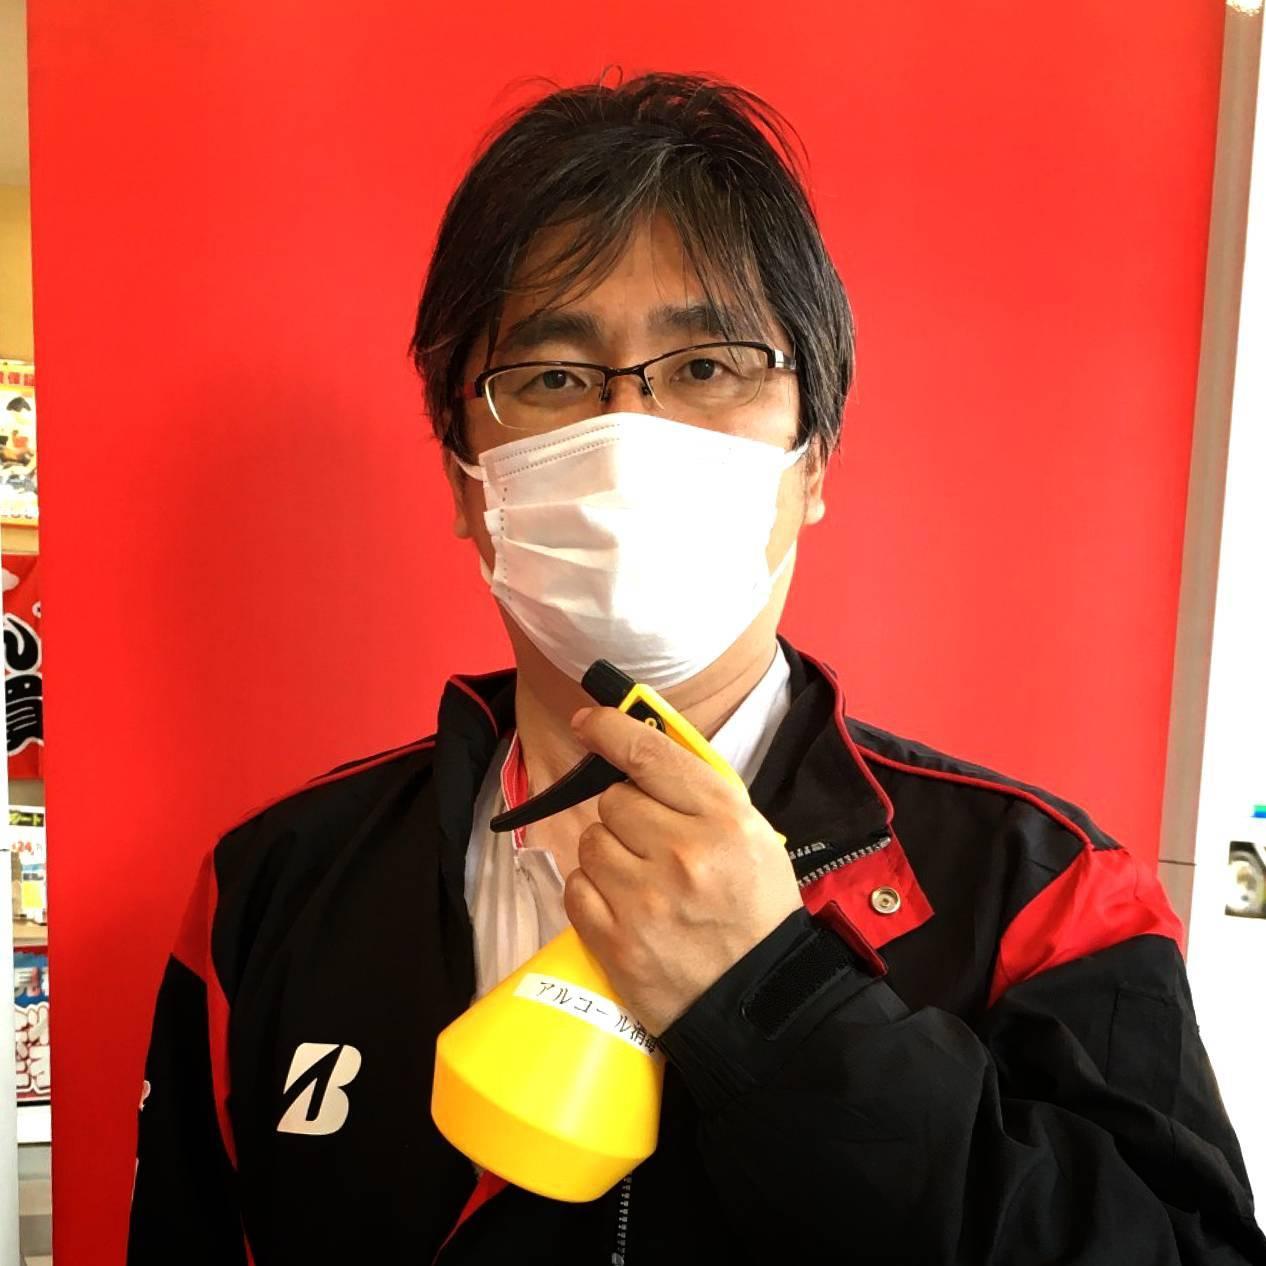 当社の新型コロナ感染予防に関する取り組みについて_d0013202_19470140.jpg